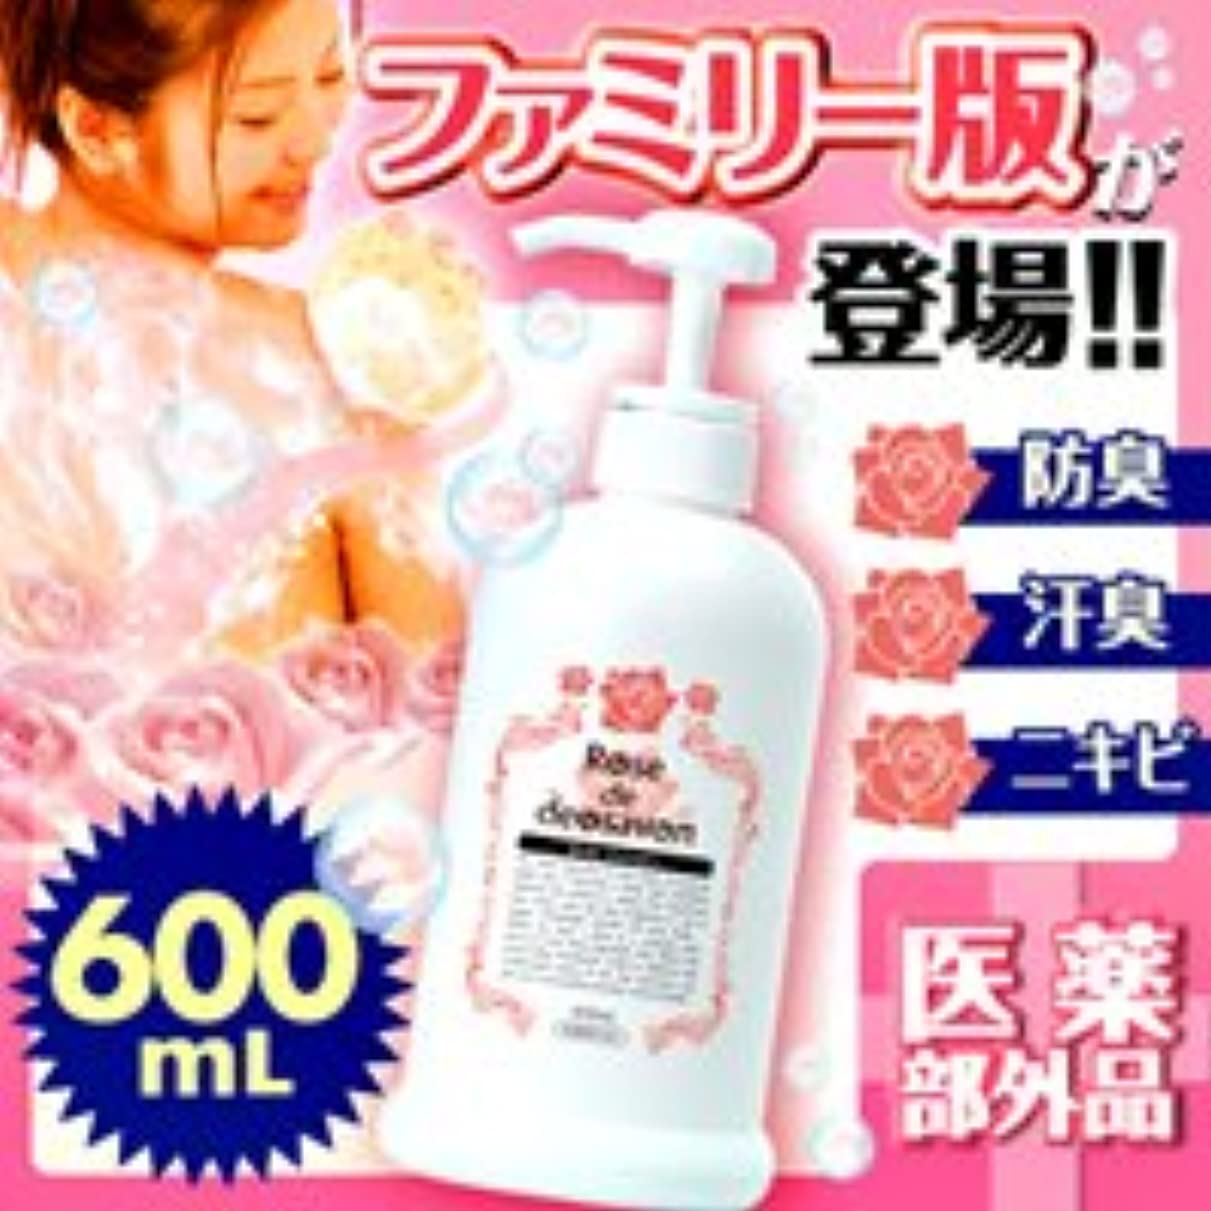 シャックルキャラクター乳白色ローズドデオシャボン 増量版600ml ※体臭や加齢臭対策に大人気!ファミリー版新登場です!